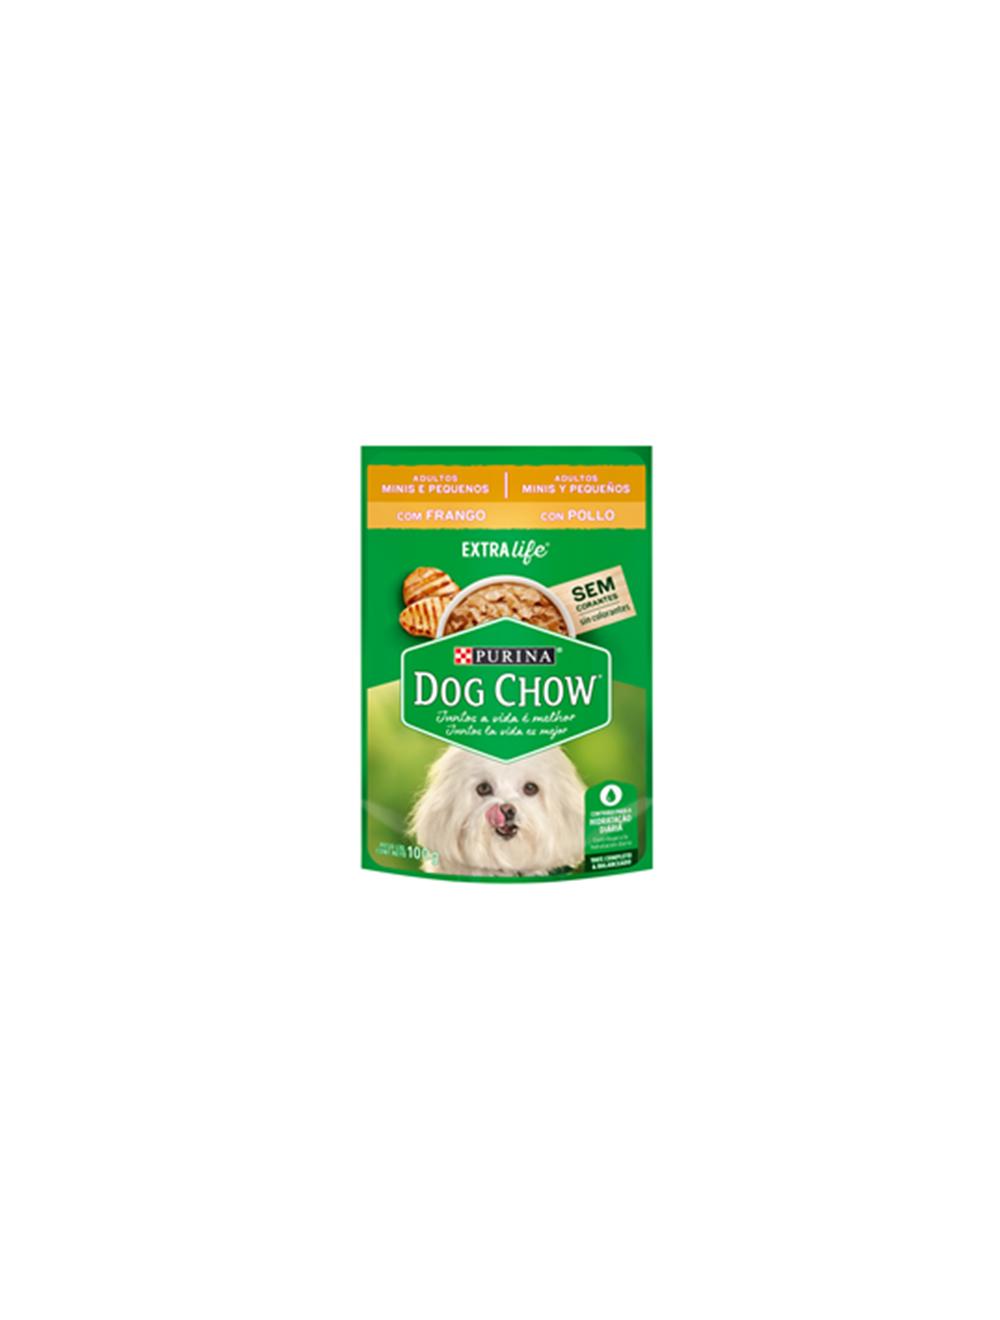 Purina dog chow adultos minis y pequeños con pollo - Ciudaddemascotas.com